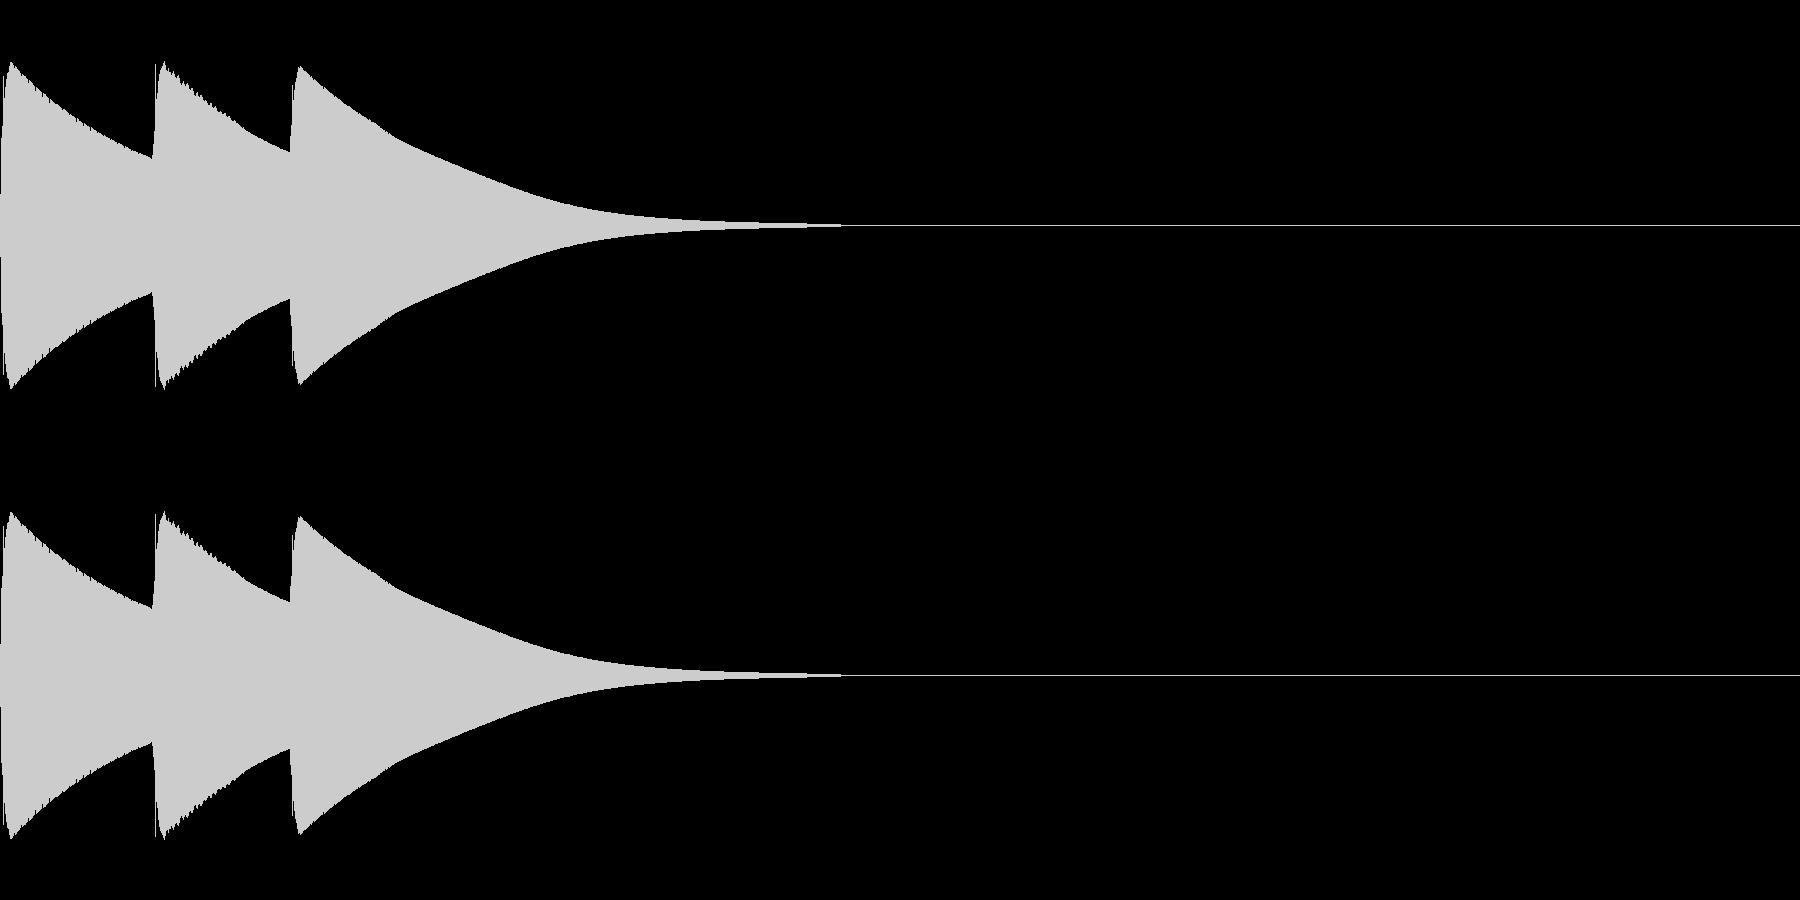 ボタン、クリック、アイテム獲得(高音域)の未再生の波形